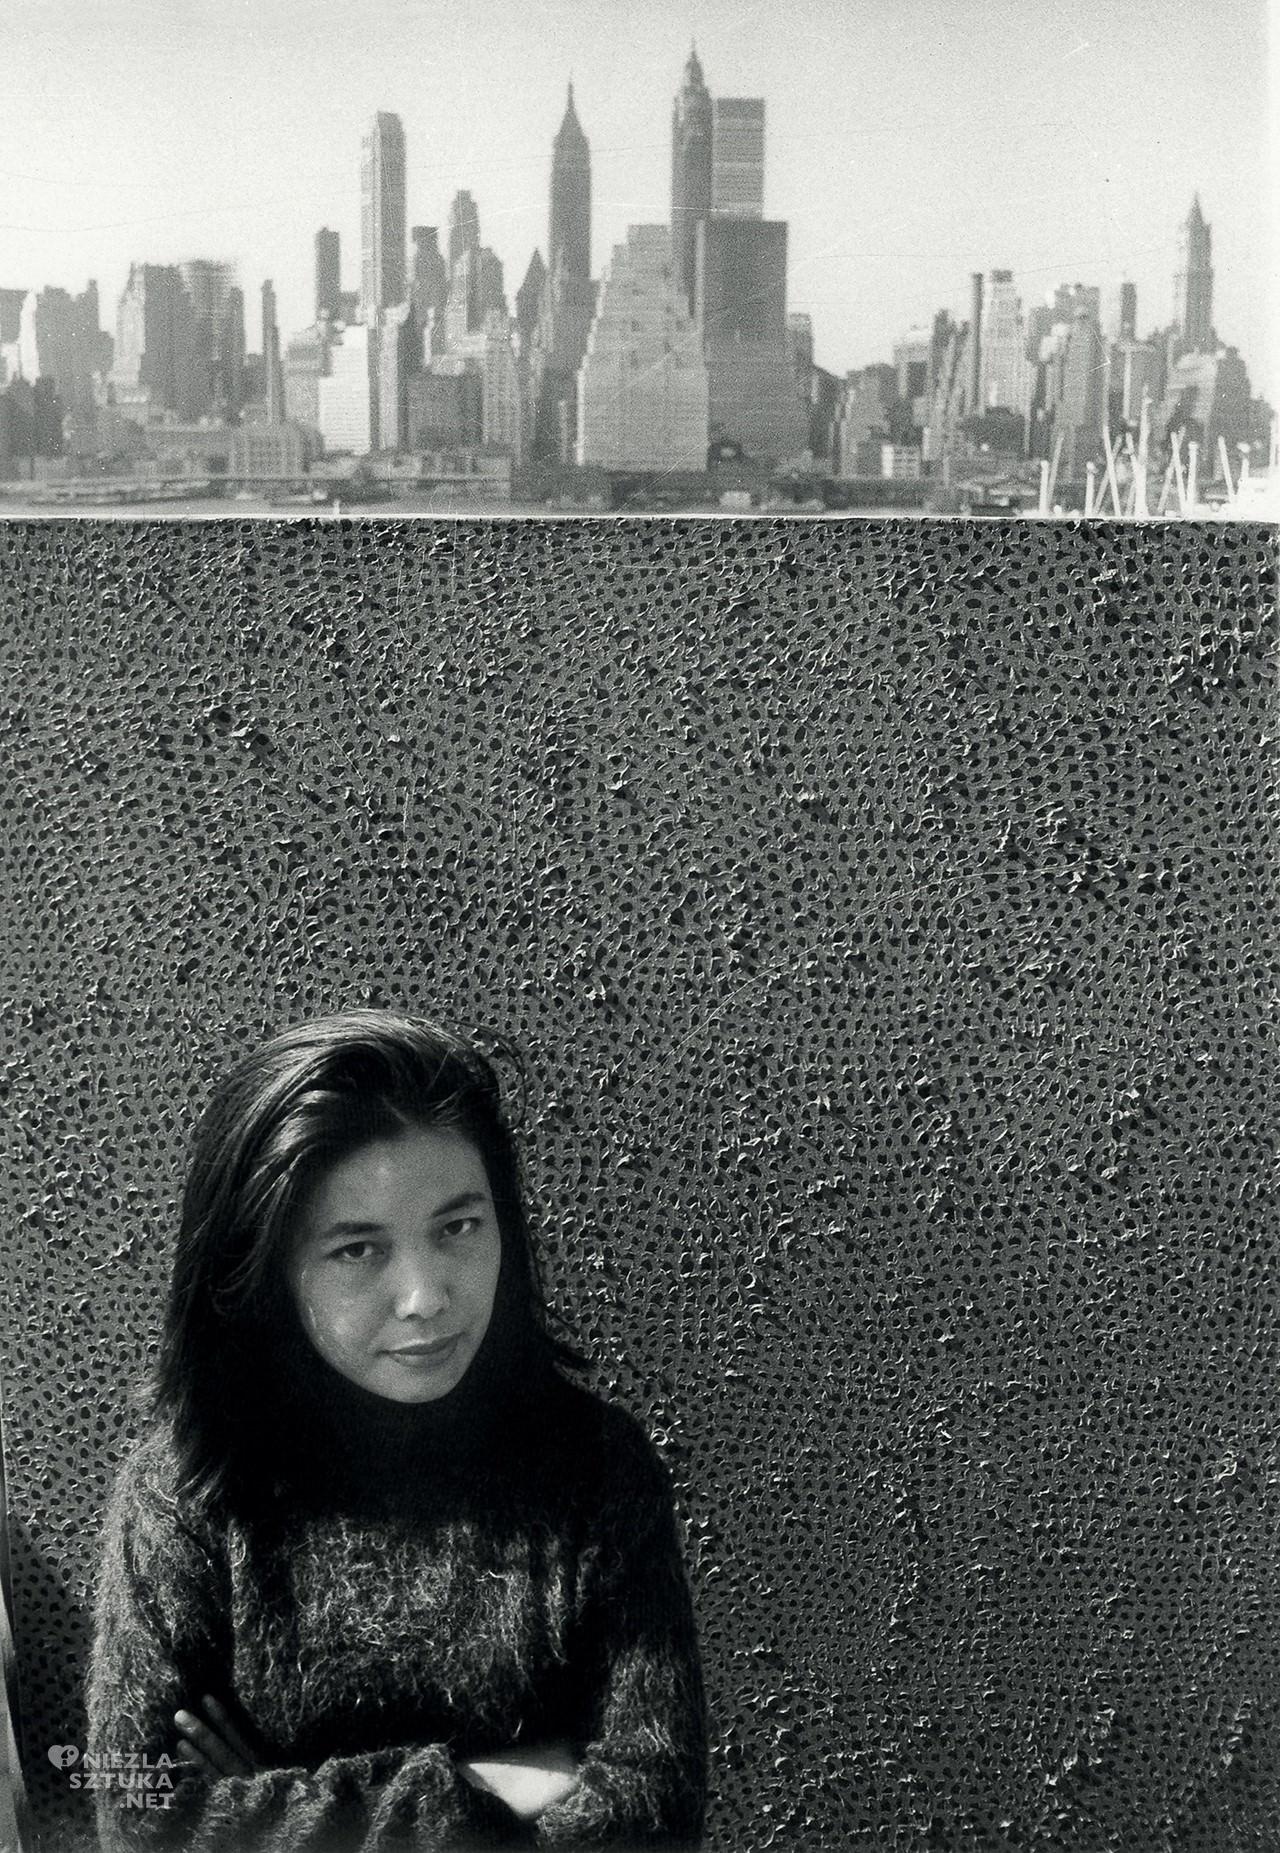 Yayoi Kusama, Nieskończone sieci, zdjęcie, Nowy Jork, sztuka współczesna, kobiety w sztuce, Niezła Sztuka